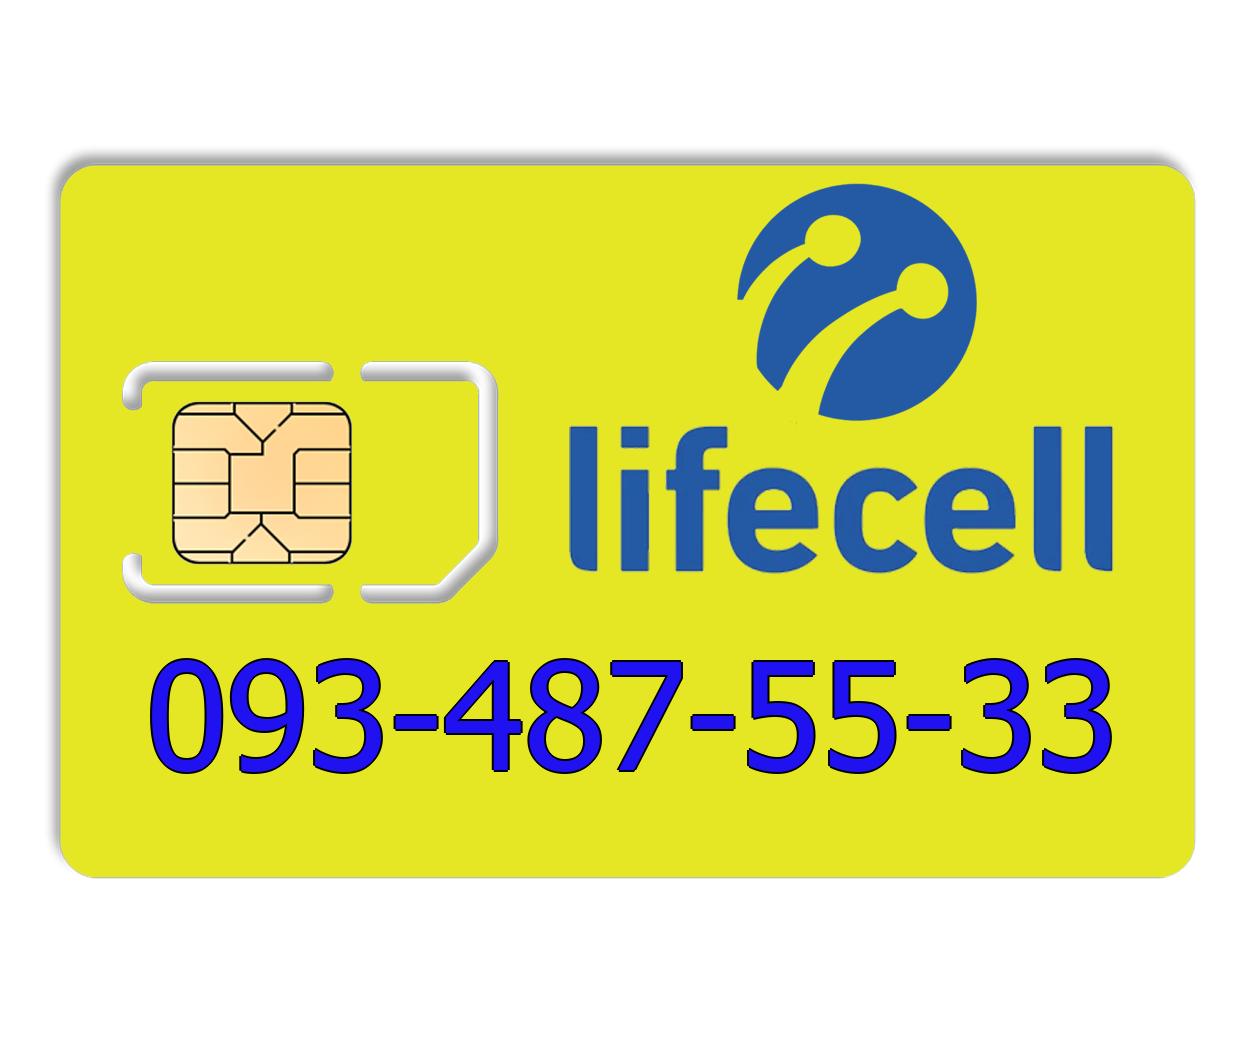 Красивый номер lifecell 093-487-55-33